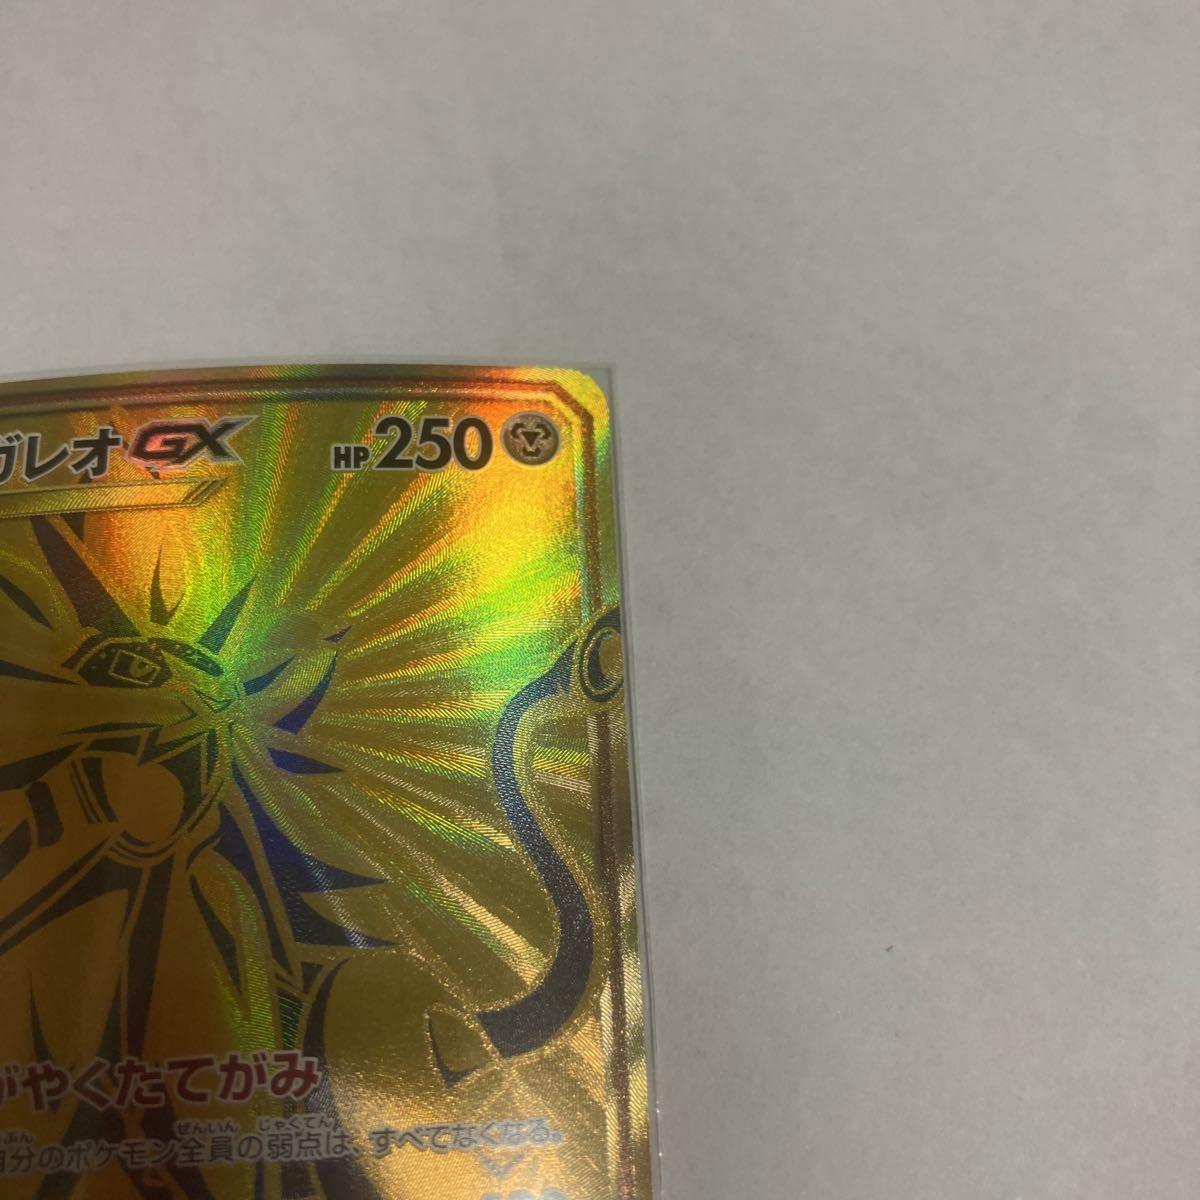 ソルガレオGX UR SM8b ウルトラレア GXウルトラシャイニー 249/150 かがやくたてがみ ターボストライク ポケカ ポケモンカードゲーム_画像3